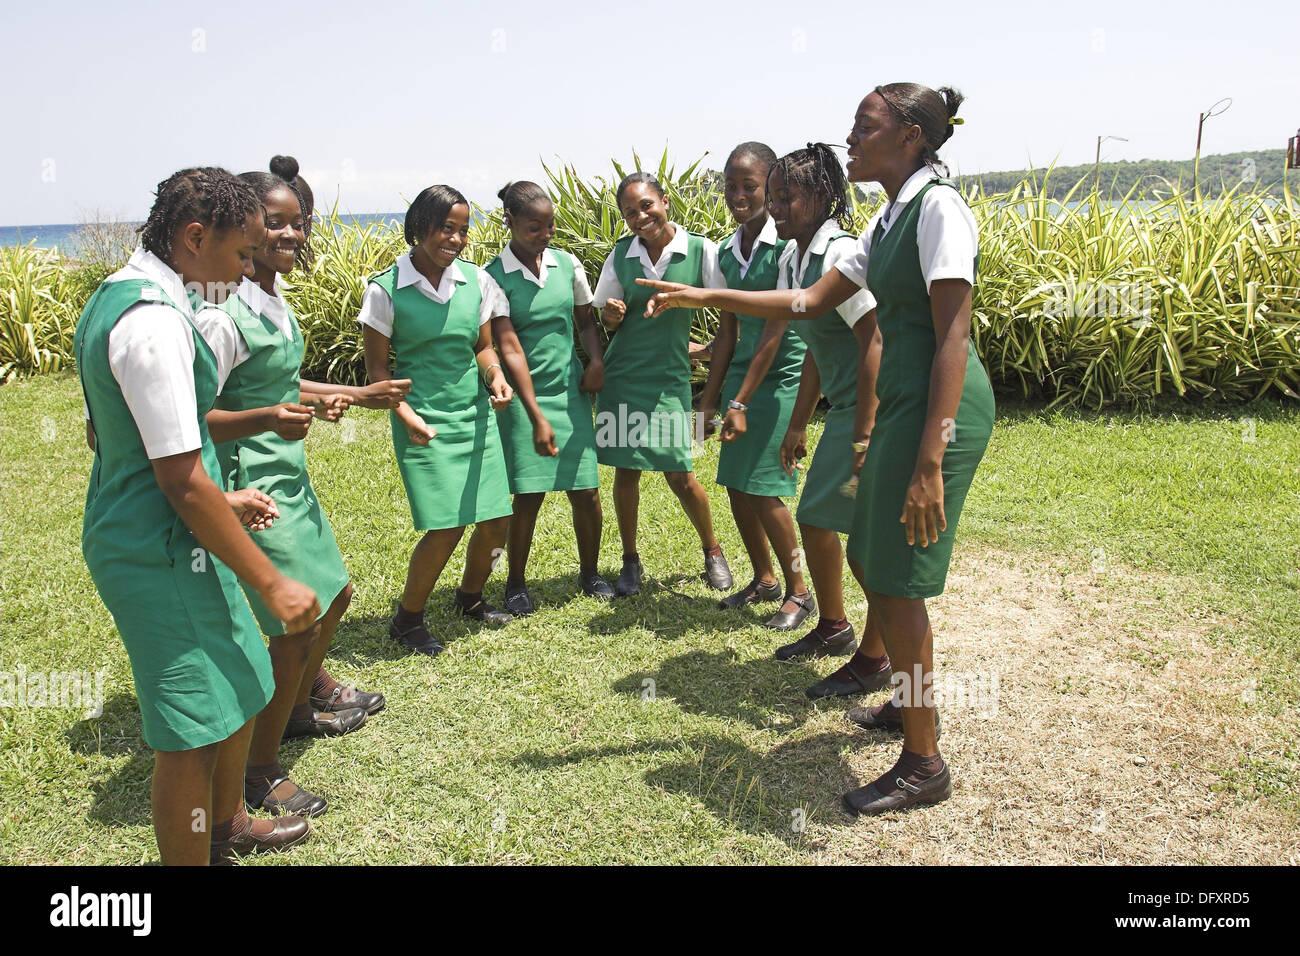 Sex in jamaican schools